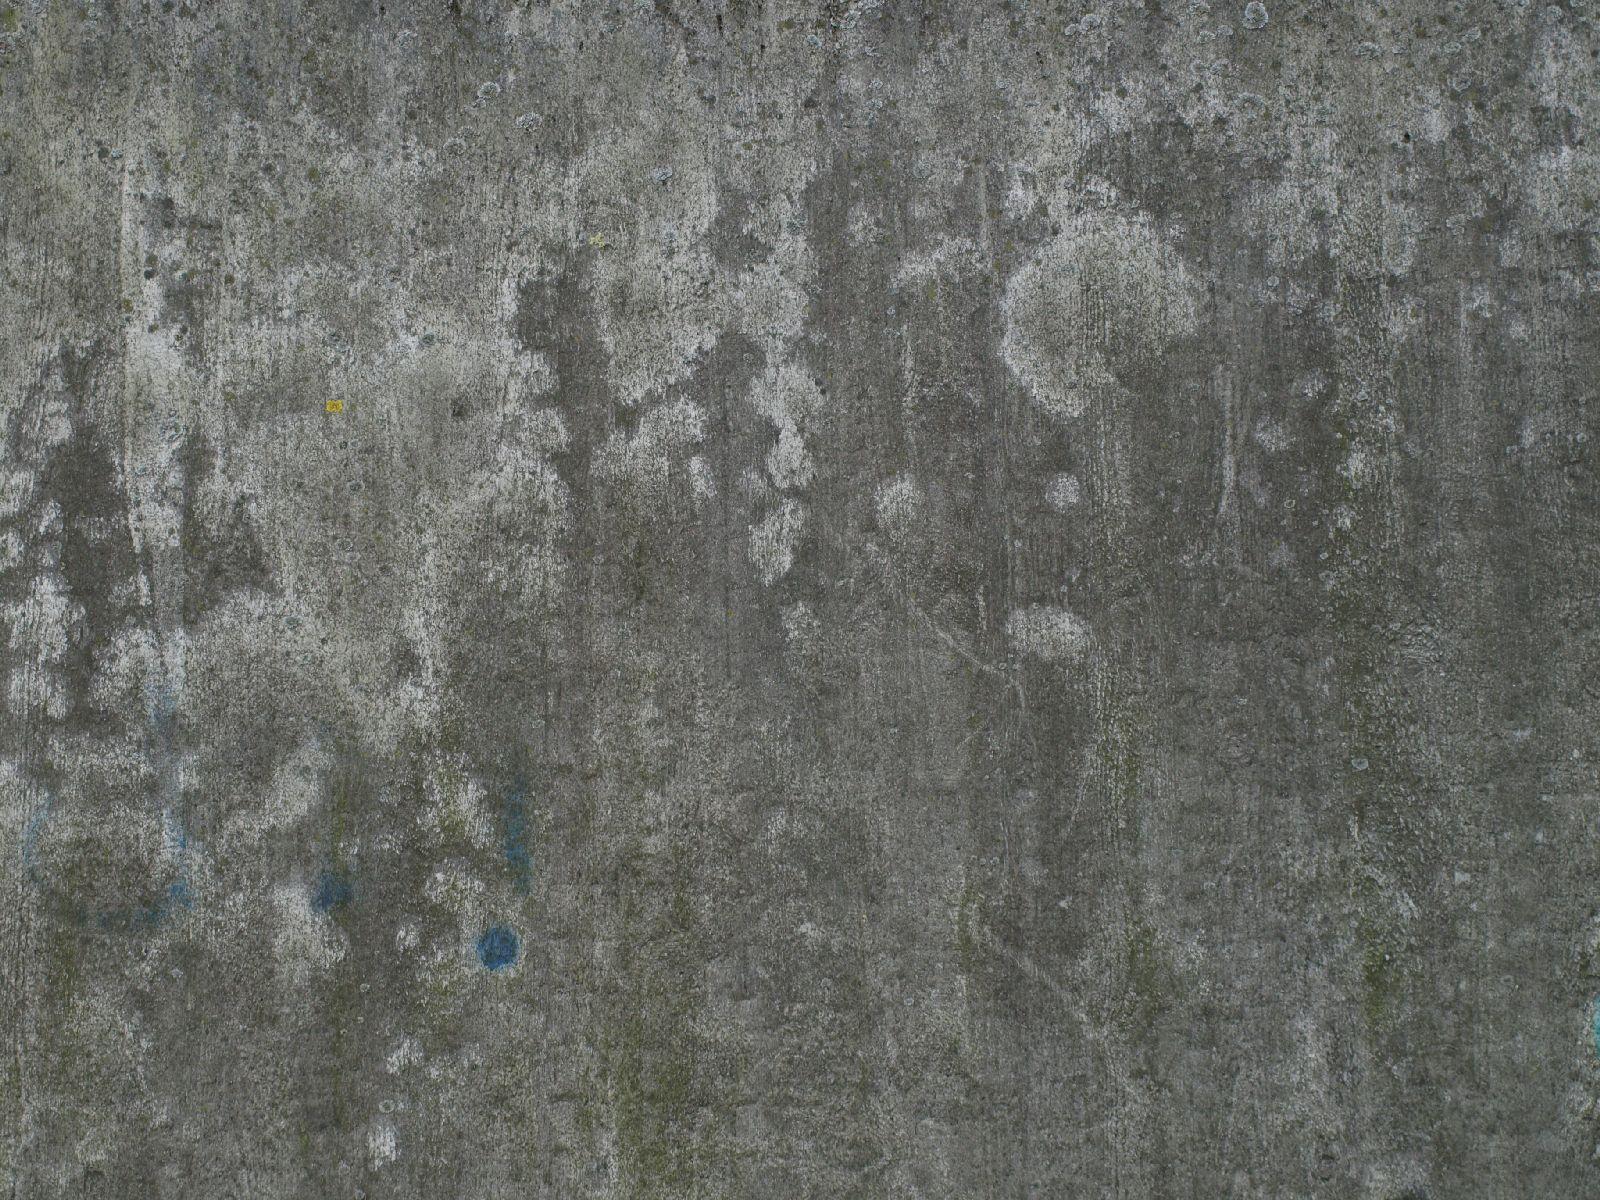 Grunge-Dreck_Textur_A_P4120996